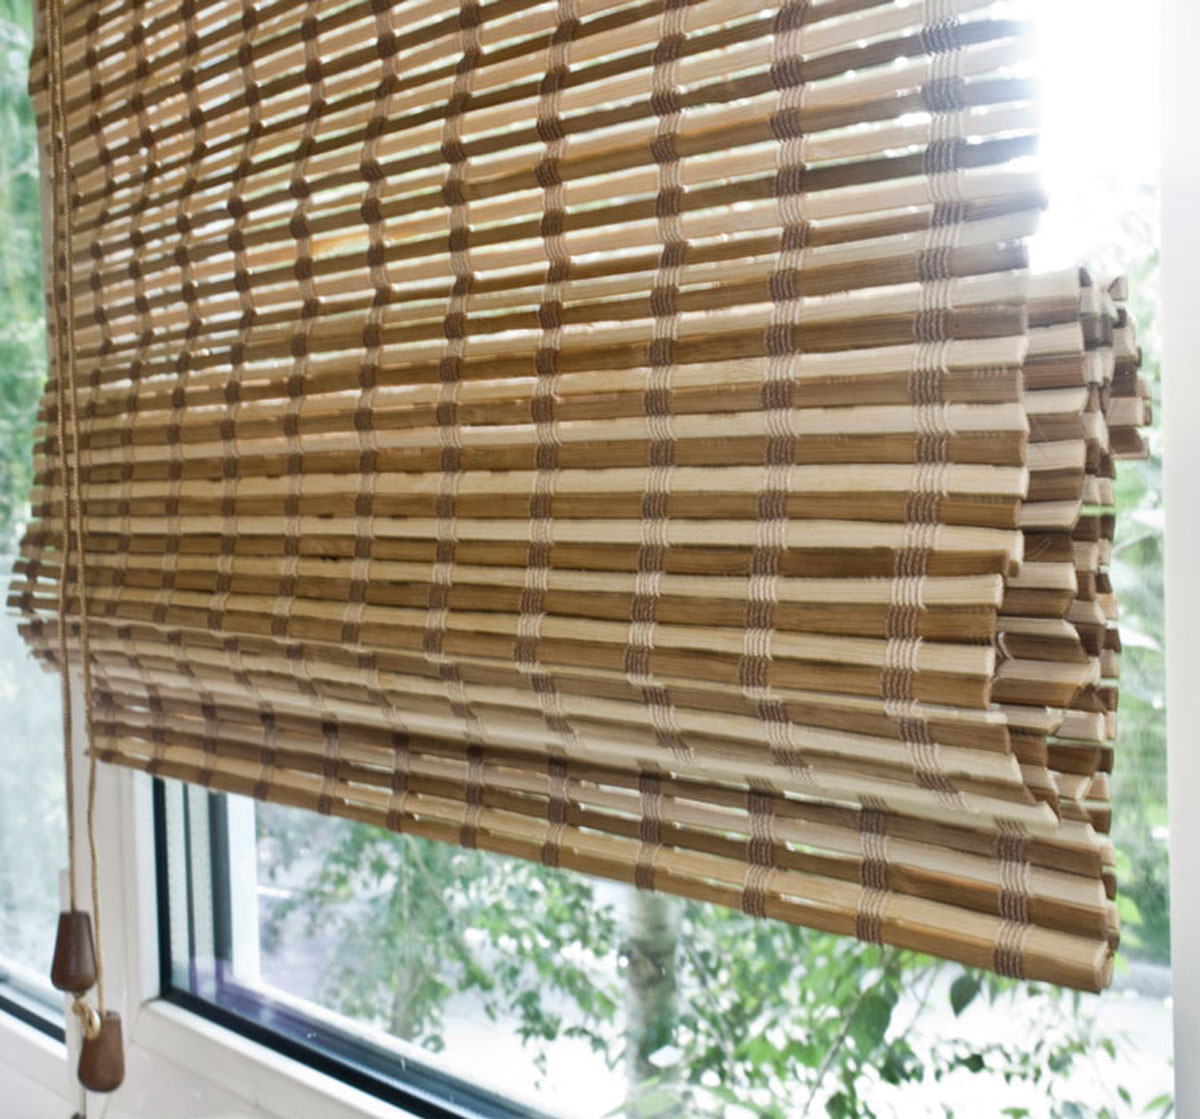 Римская штора Эскар, бамбуковая, цвет: коричневый, бежевый, ширина 140 см, высота 160 см72959140160Римская штора Эскар, выполненная из натурального бамбука, является оригинальным современным аксессуаром для создания необычного интерьера в восточном или минималистичном стиле.Римская бамбуковая штора, как и тканевая римская штора, при поднятии образует крупные складки, которые прекрасно декорируют окно. Особенность устройства полотна позволяет свободно пропускать дневной свет, что обеспечивает мягкое освещение комнаты. Римская штора из натурального влагоустойчивого материала легко вписывается в любой интерьер, хорошо сочетается с различной мебелью и элементами отделки. Использование бамбукового полотна придает помещению необычный вид и визуально расширяет пространство. Бамбуковые шторы требуют только сухого ухода: пылесосом, щеткой, веником или влажной (но не мокрой!) губкой. Комплект для монтажа прилагается.